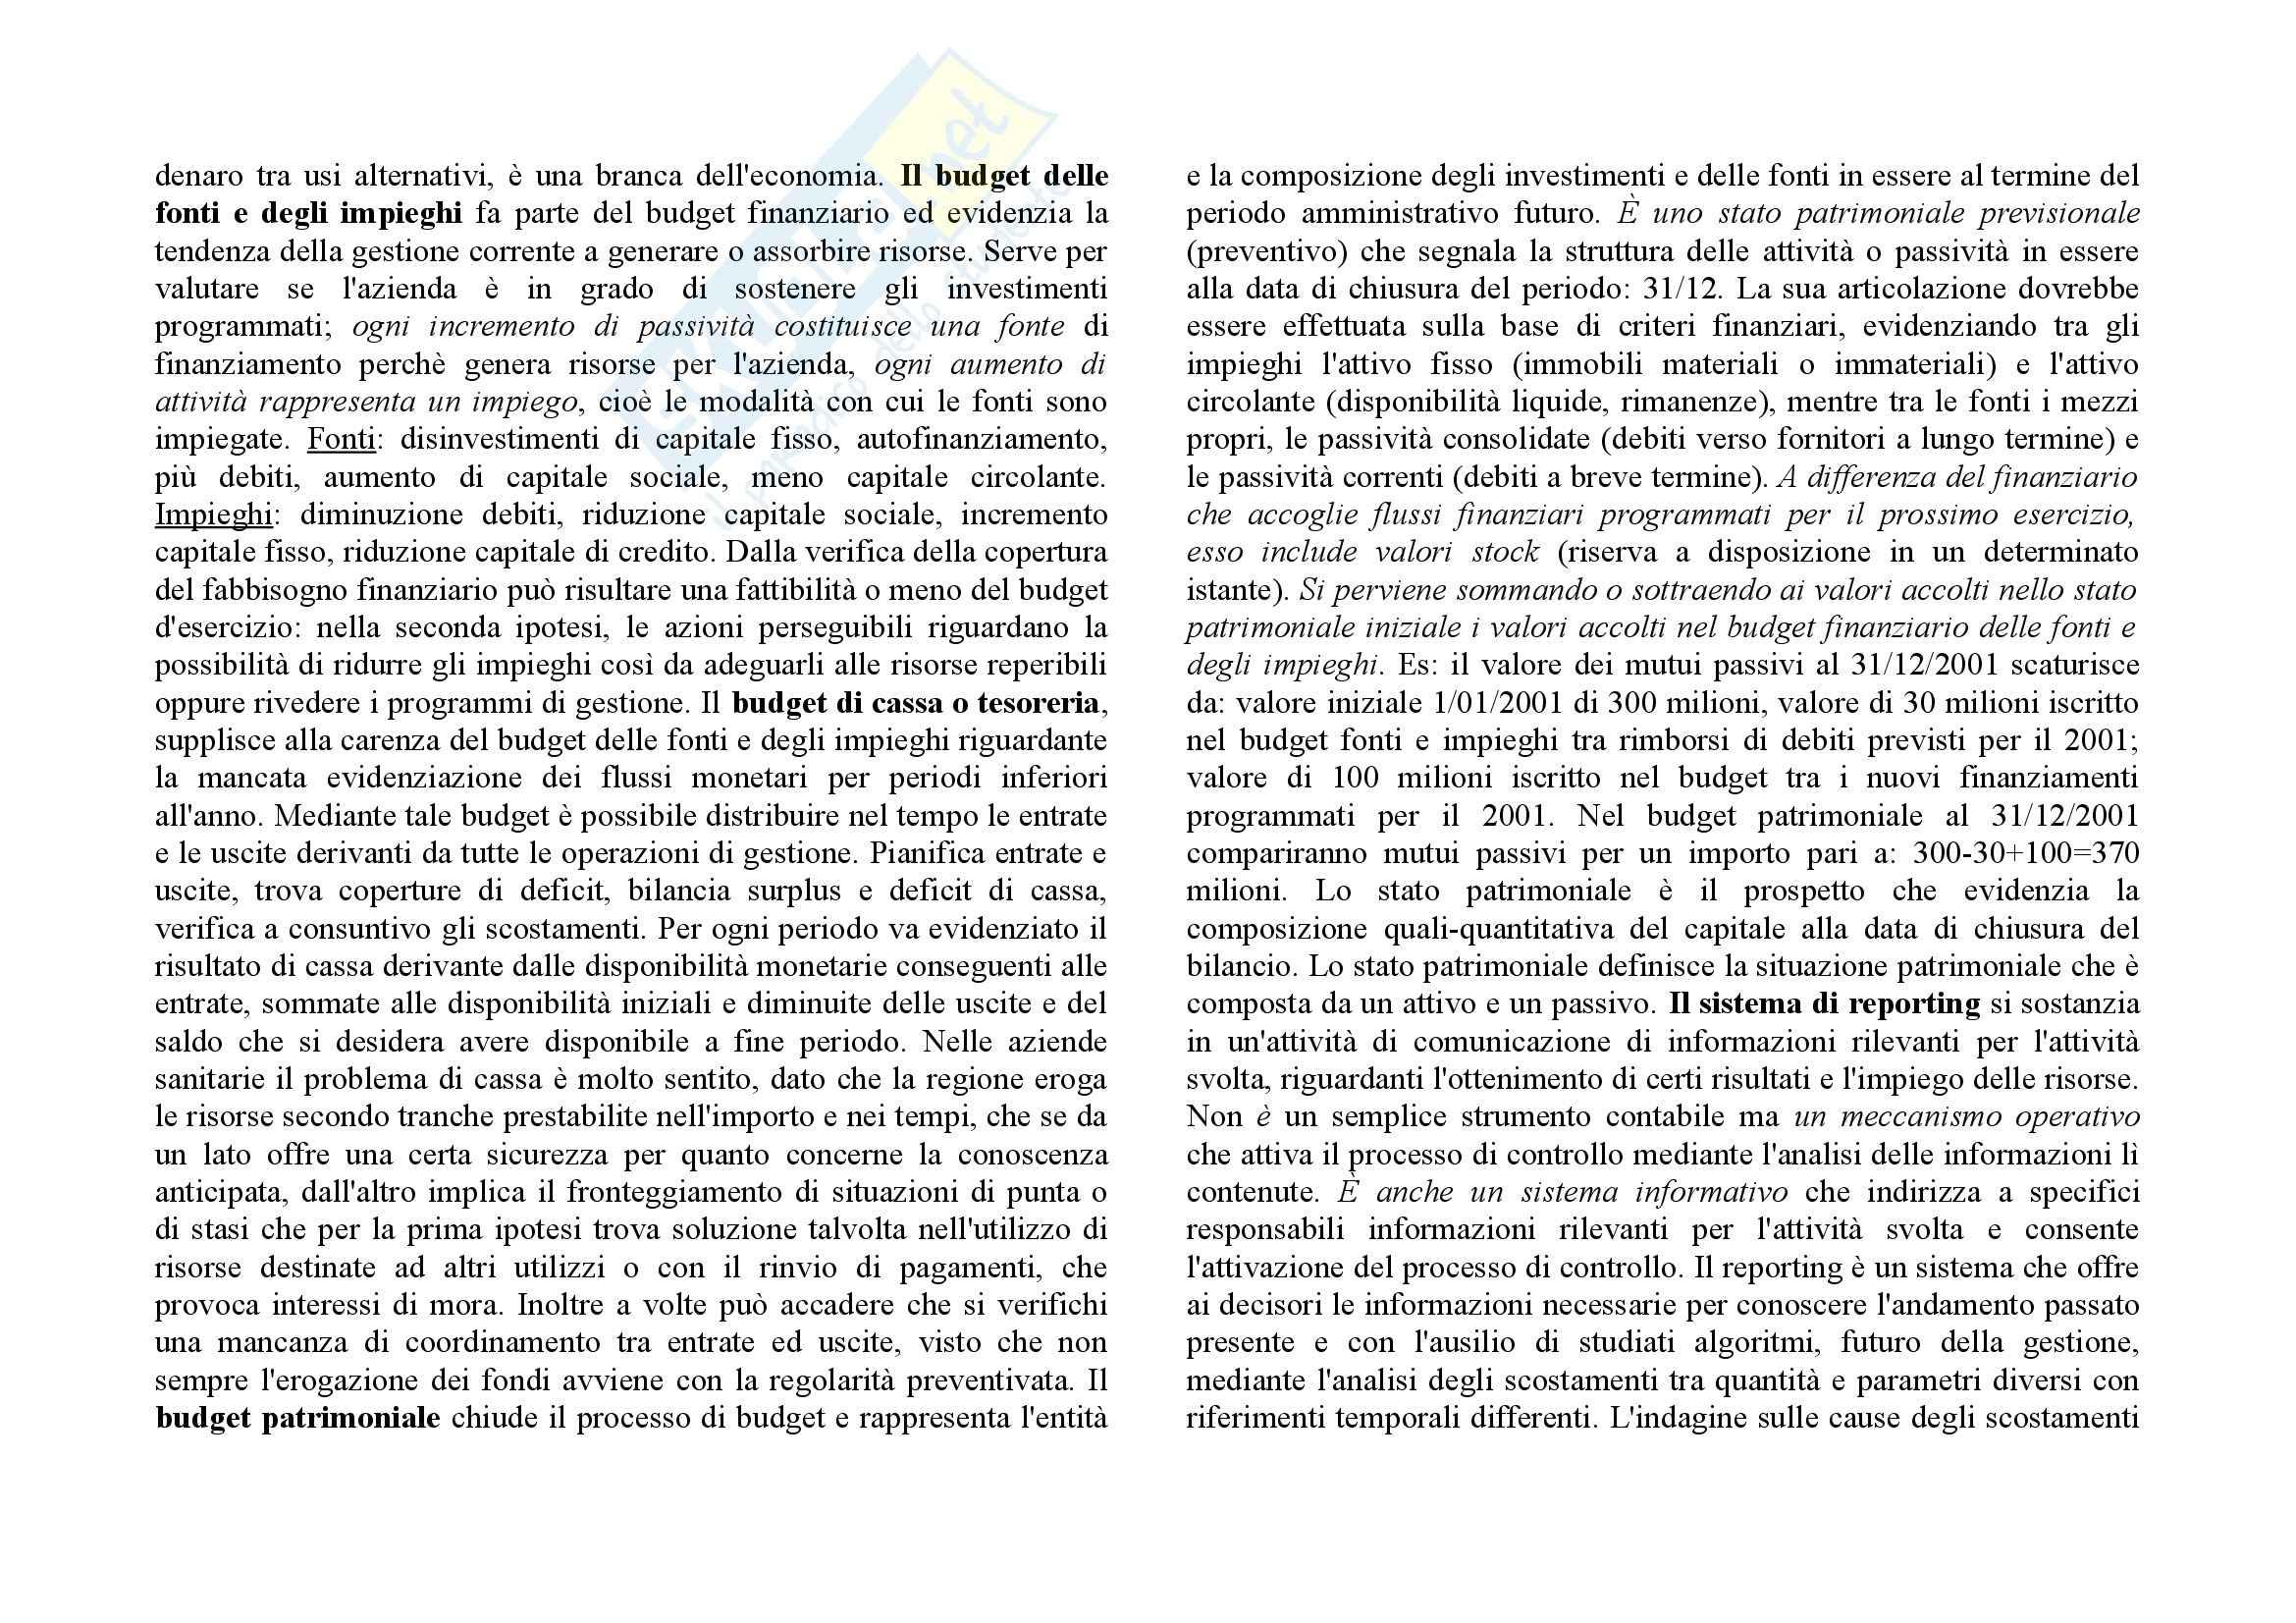 Economia delle aziende sanitarie - i presupposti per il controllo Pag. 11